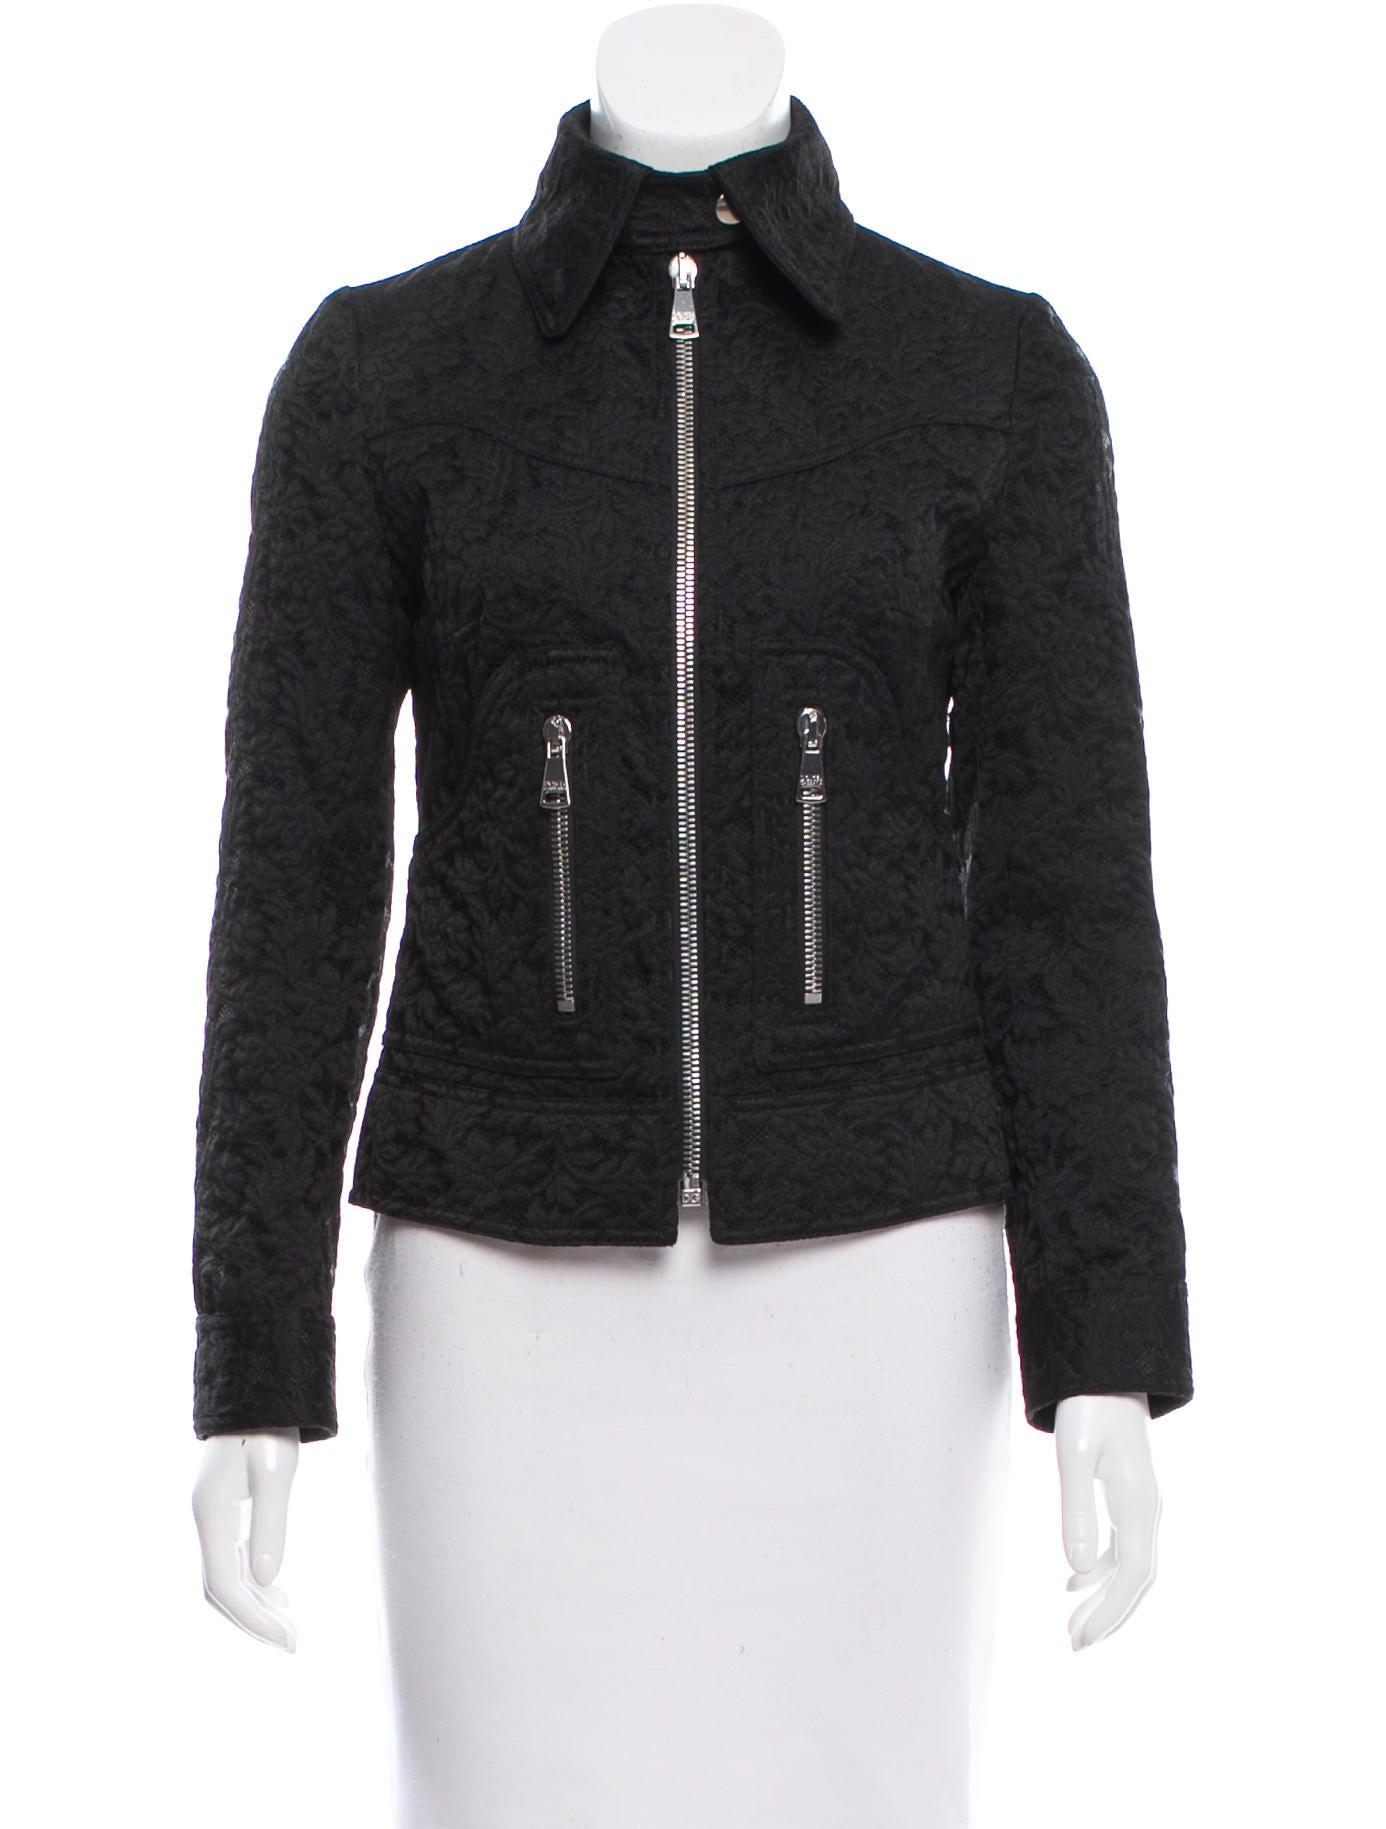 dolce gabbana floral jacquard jacket clothing dag76290 the realreal. Black Bedroom Furniture Sets. Home Design Ideas